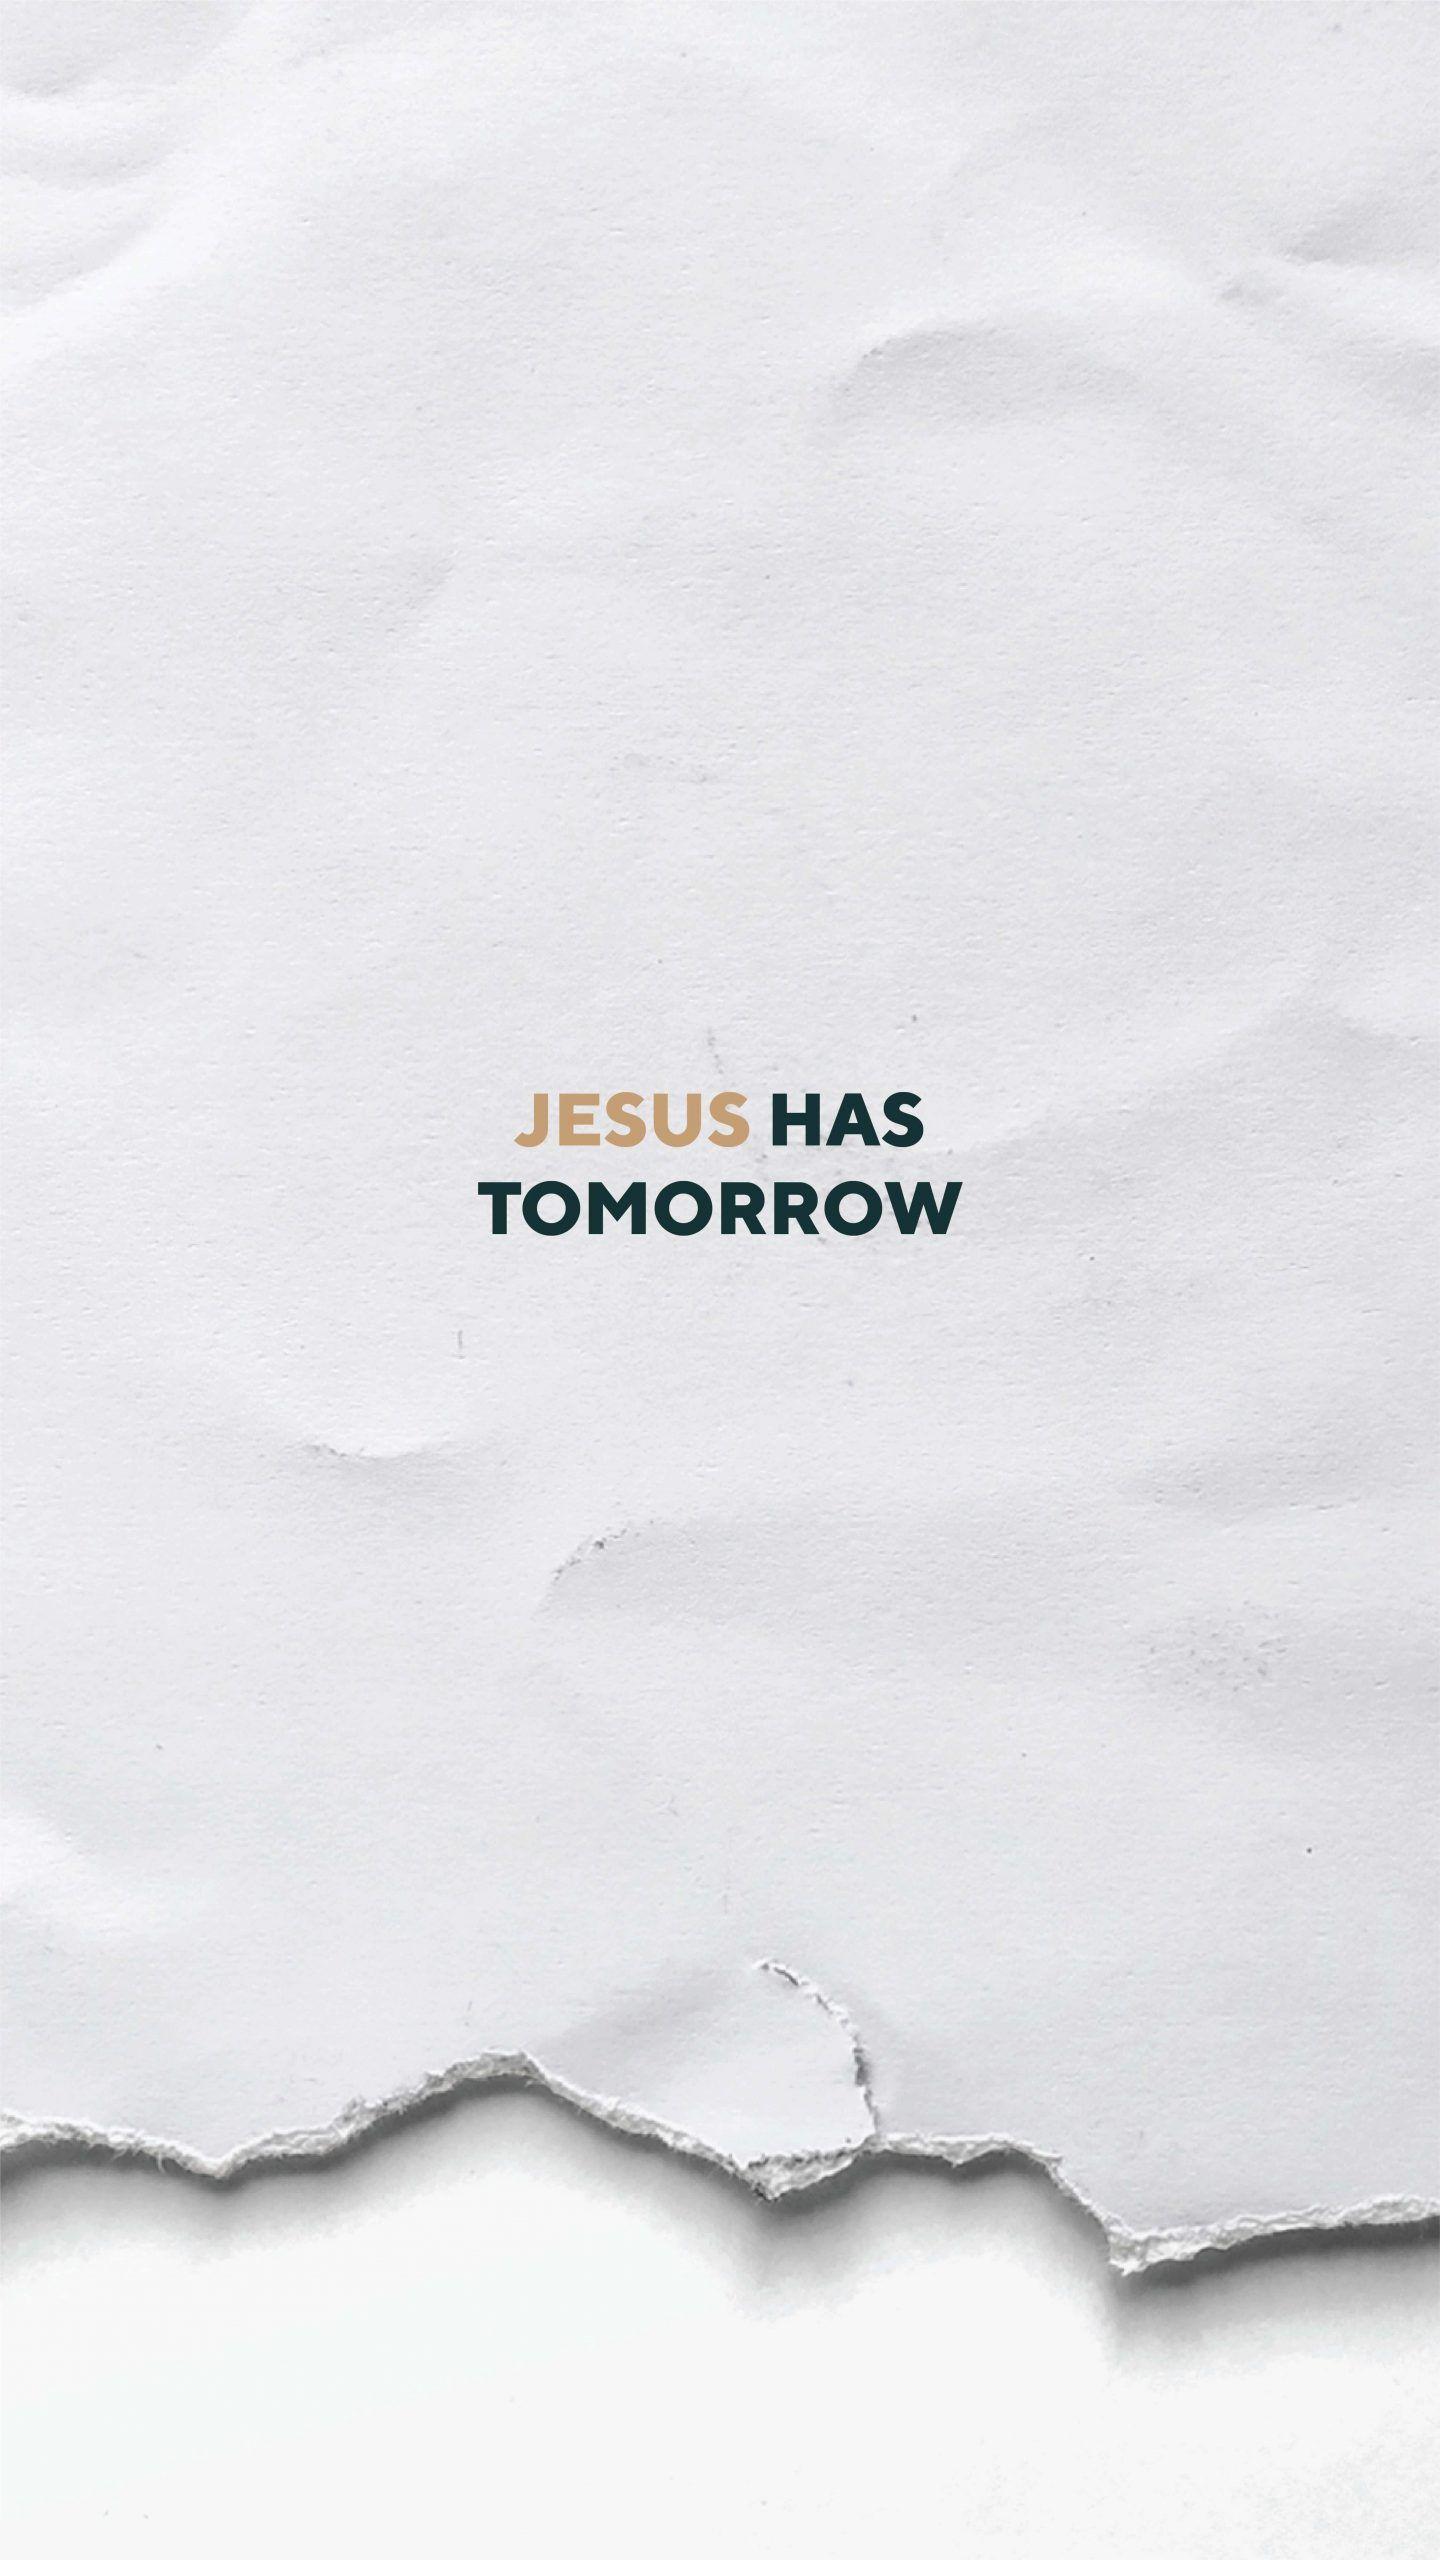 jesus has tomorrow iphone-08